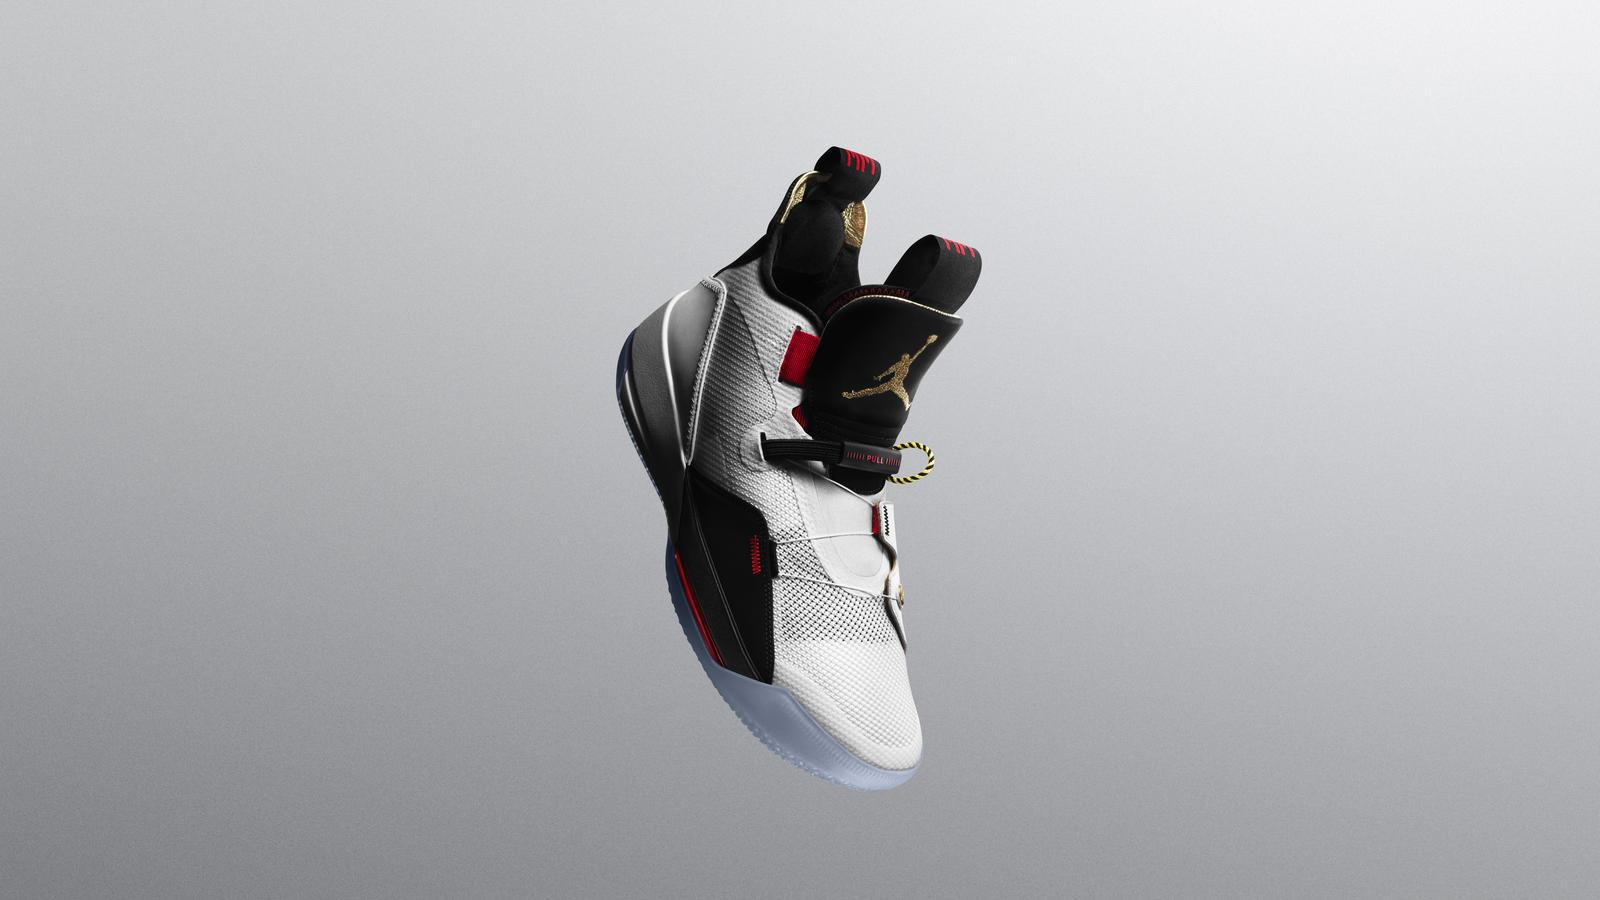 Nike Air Jordan XXXIII shoe.